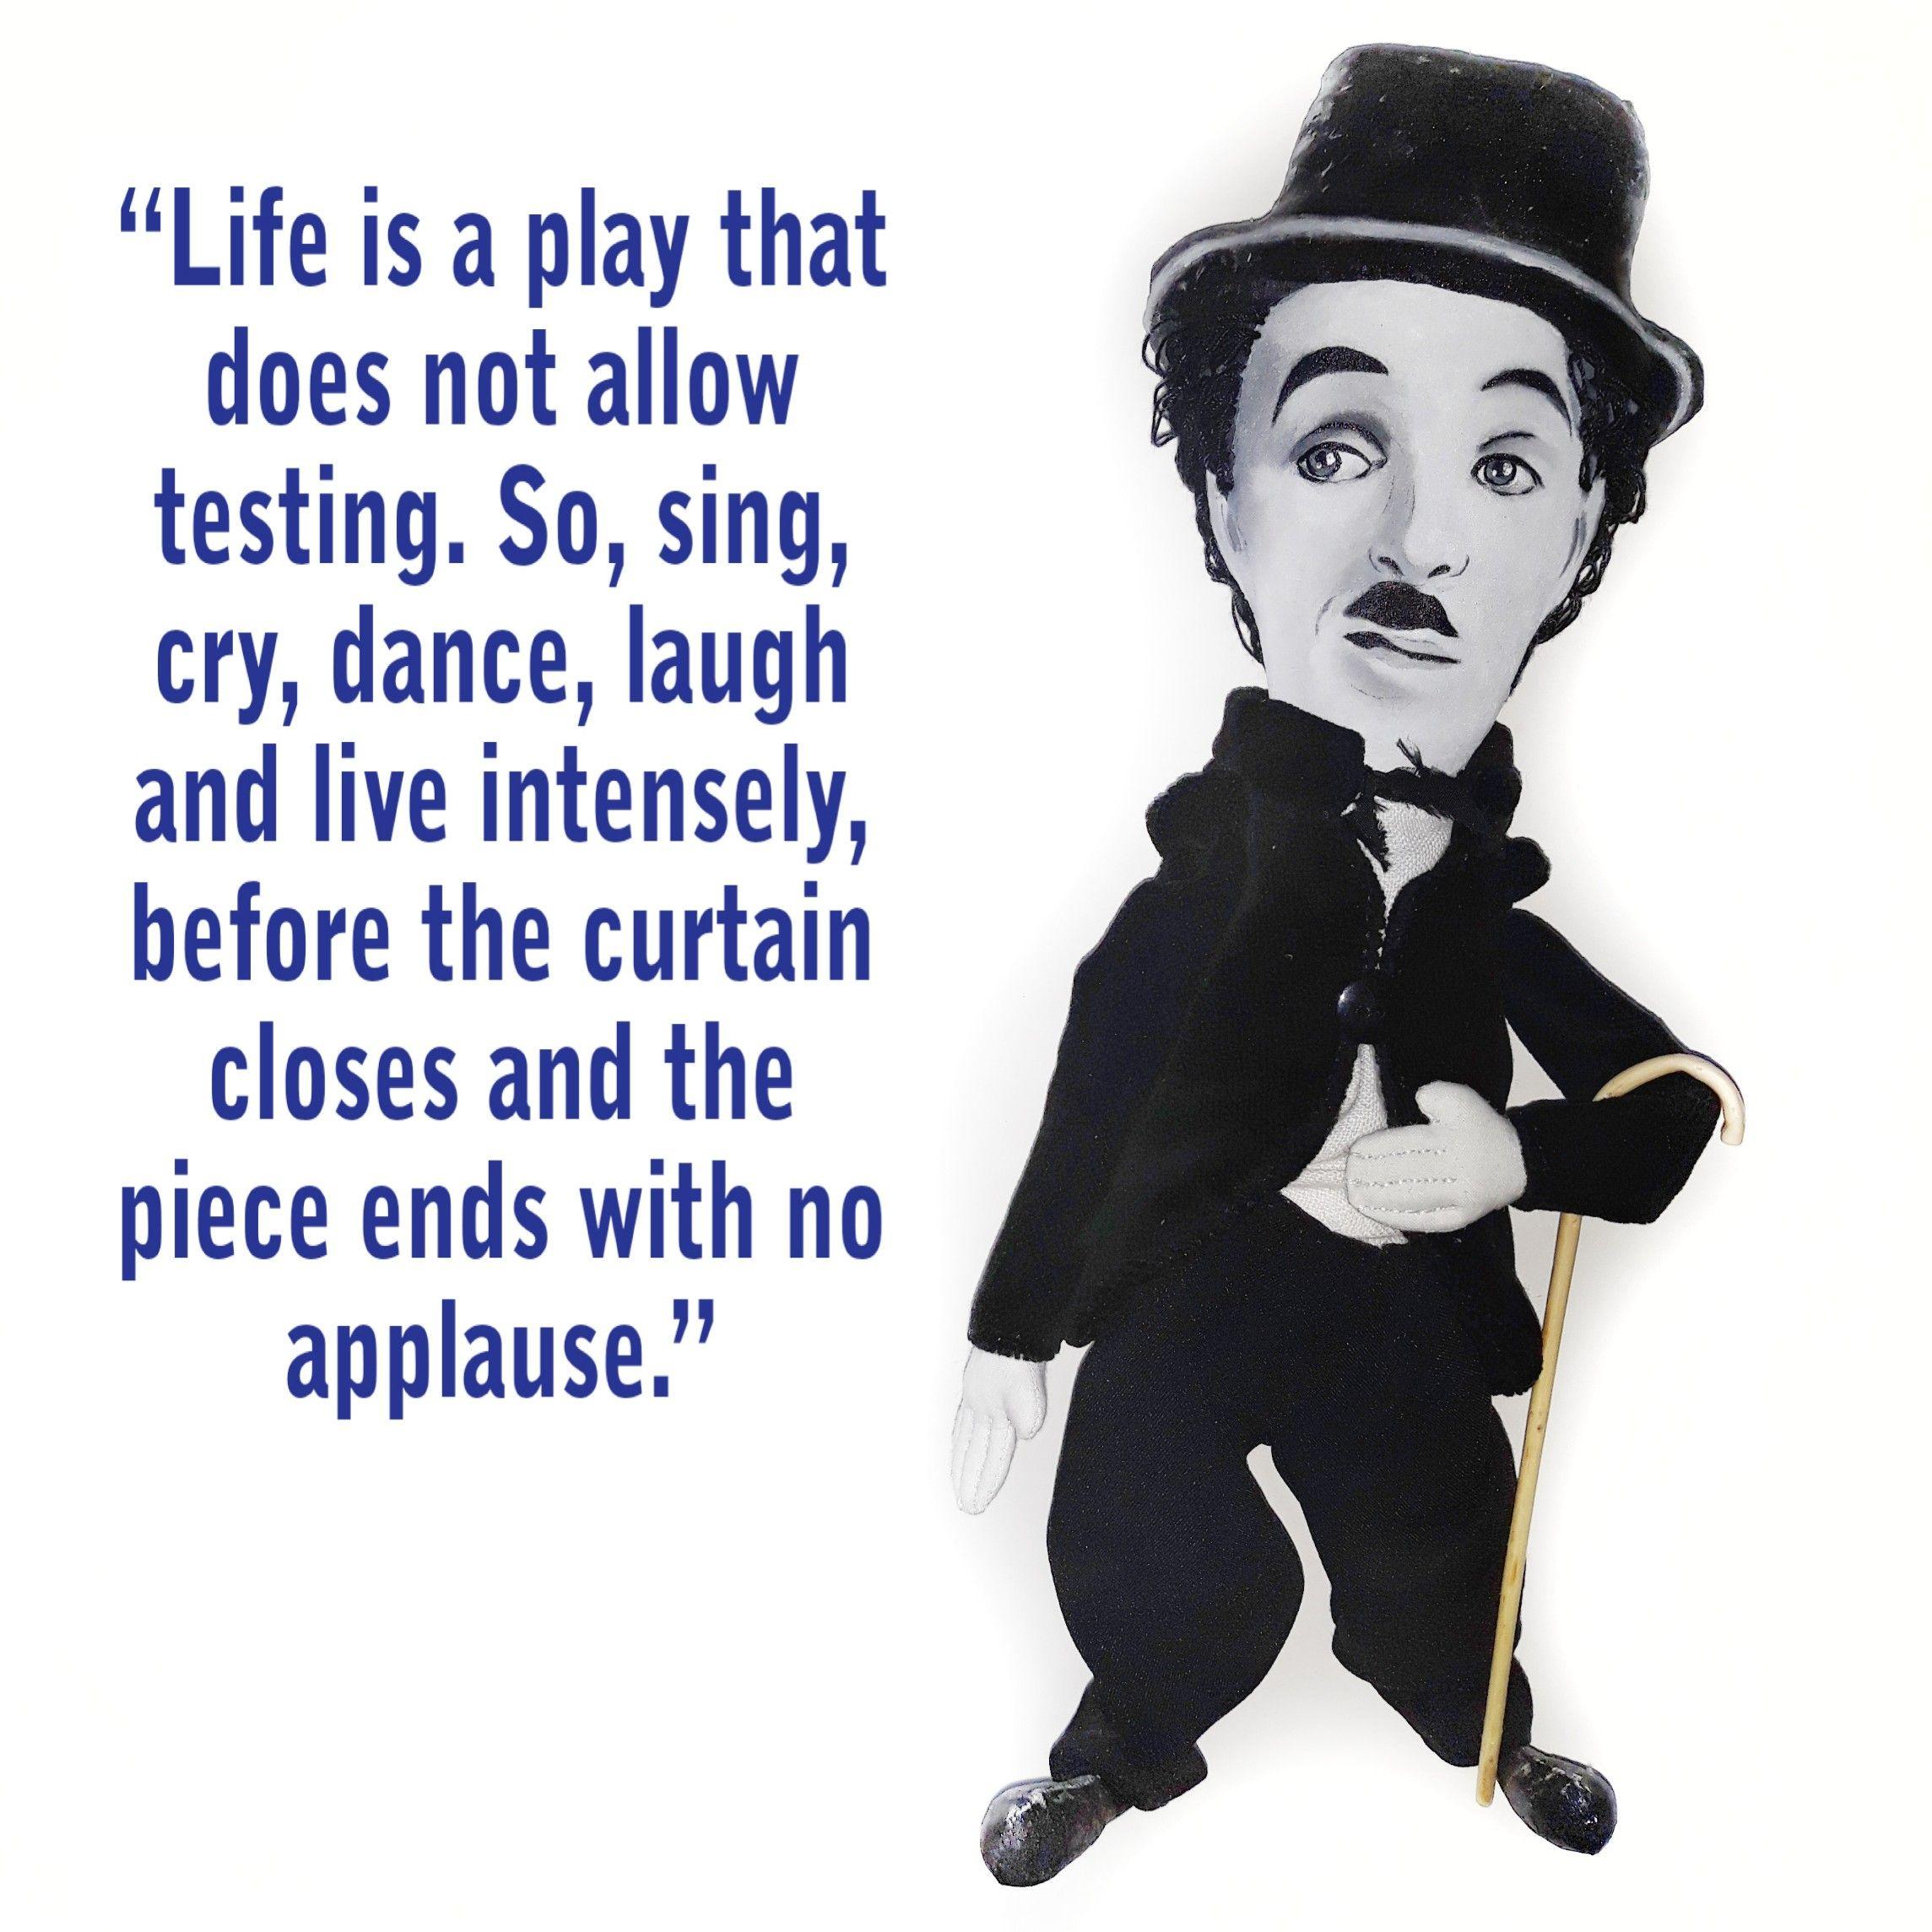 Чаплин казино играть скачать бесплатно эмуляторы игровых автоматов, скачать бесплатно игровые автоматы